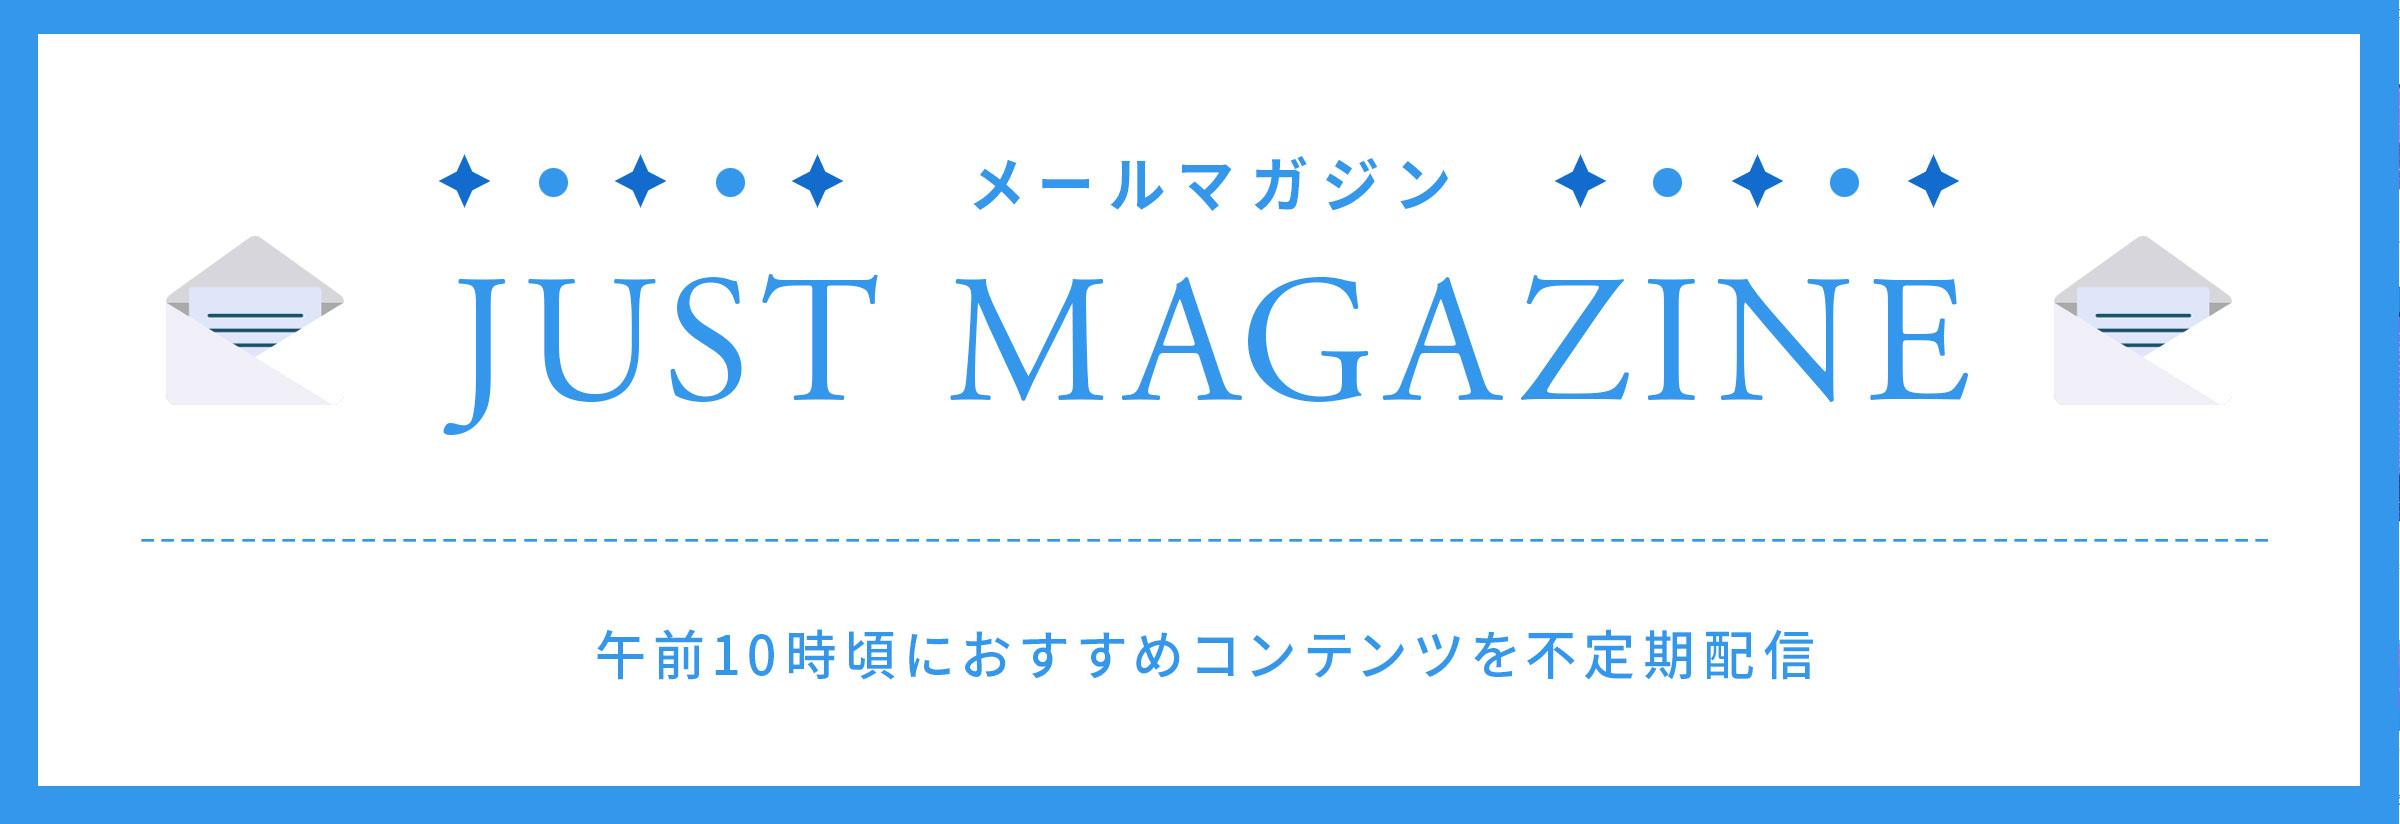 メールマガジン JUST MAGAZINE 午前10時頃におすすめコンテンツを不定期配信